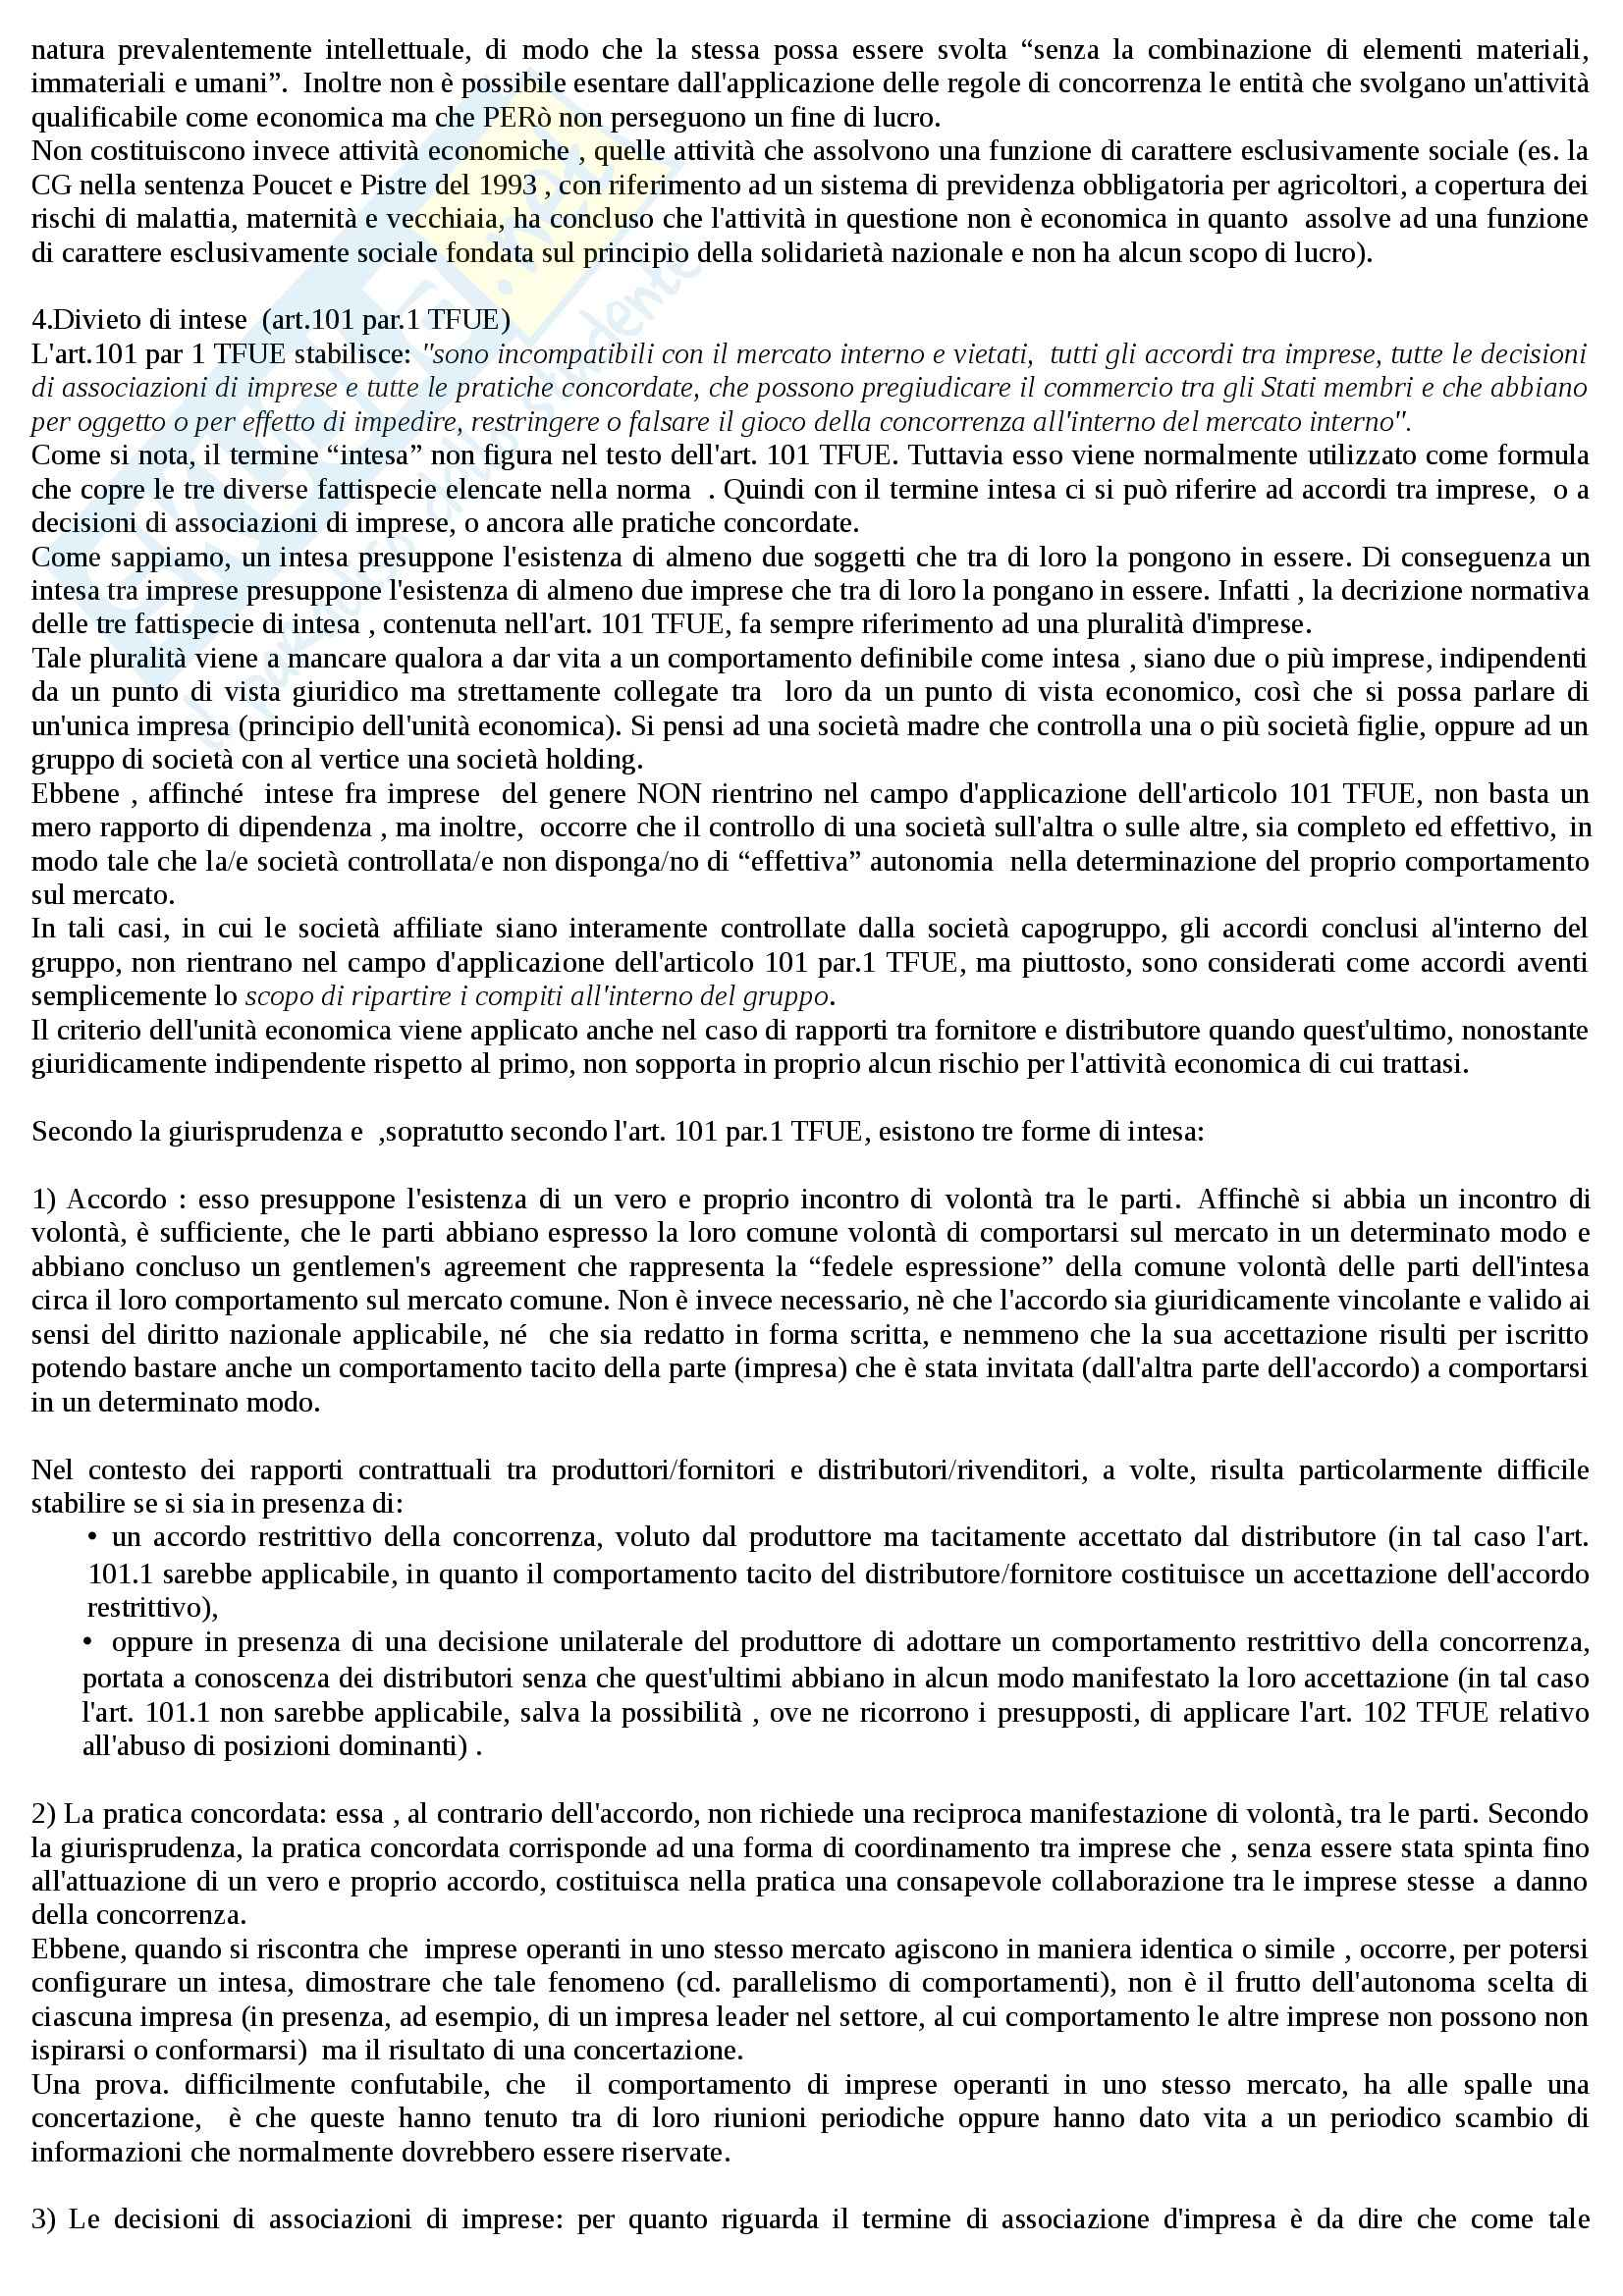 Riassunto esame Diritto dell'Unione Europea, prof. Daniele, libro consigliato Diritto del Mercato Unico Europeo di Daniele Pag. 21